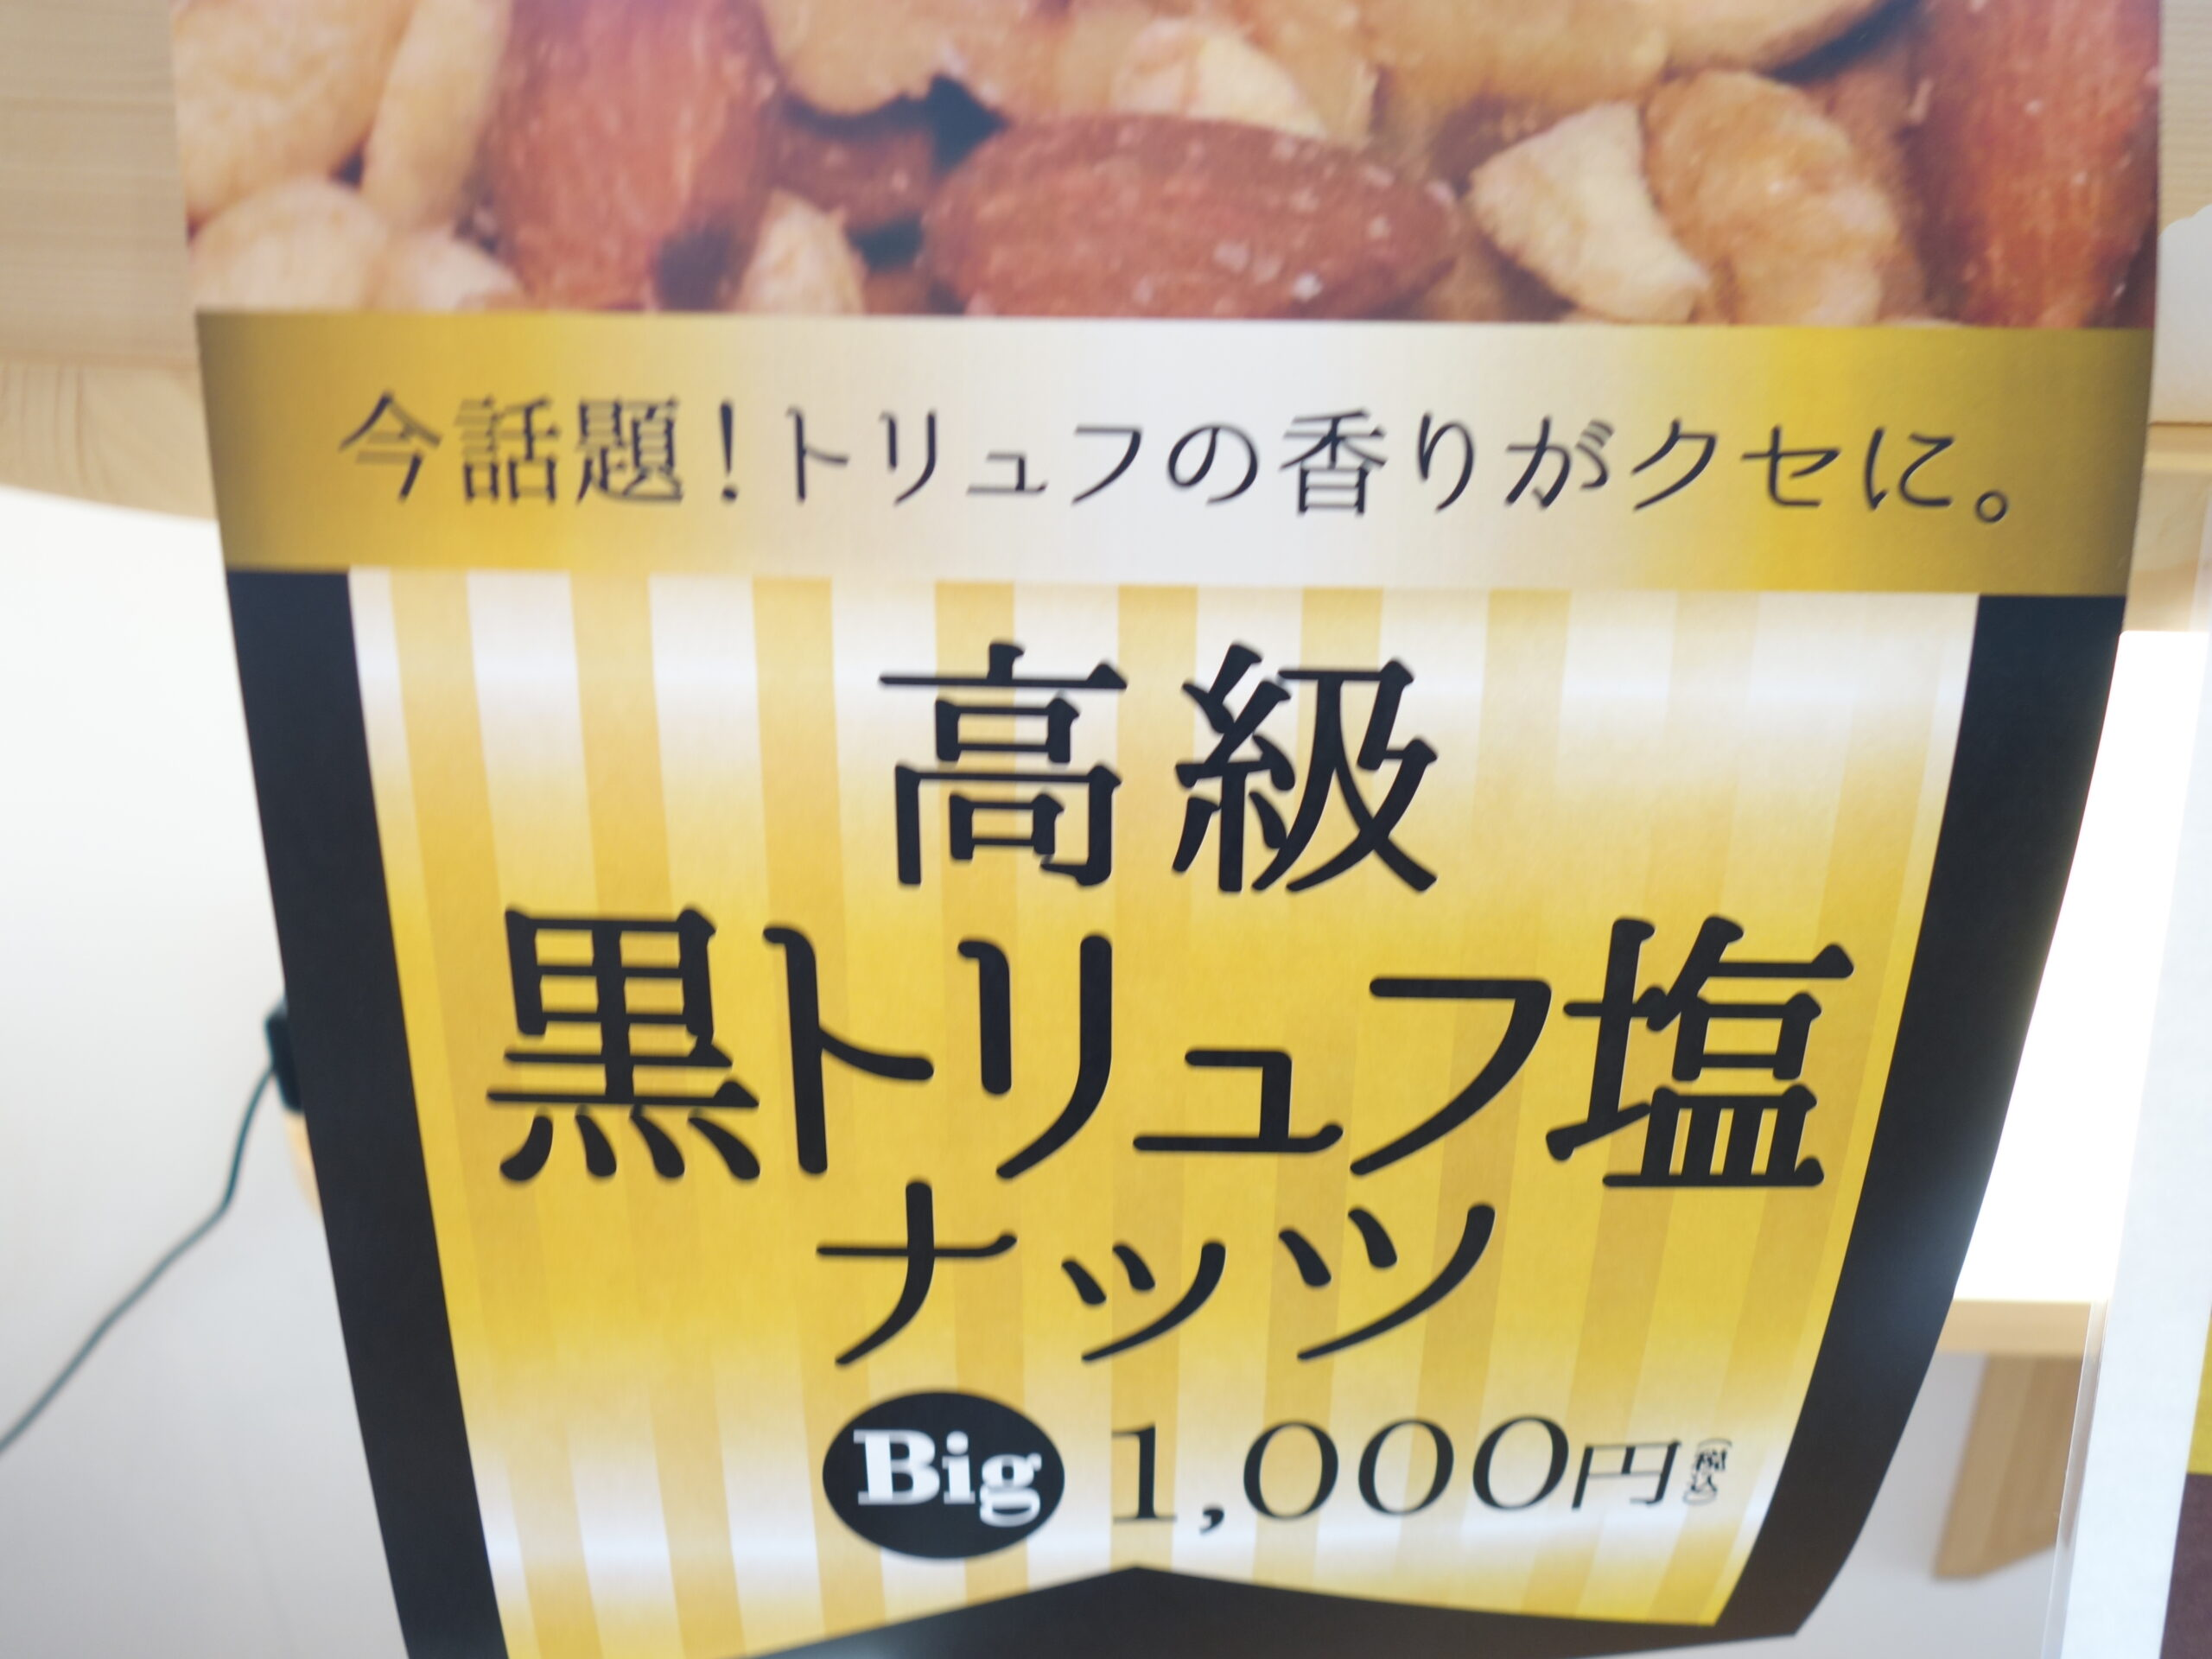 【 クノップ高岡店 】一番人気は黒トリュフ塩?ギフトセットも豊富でかわいい!